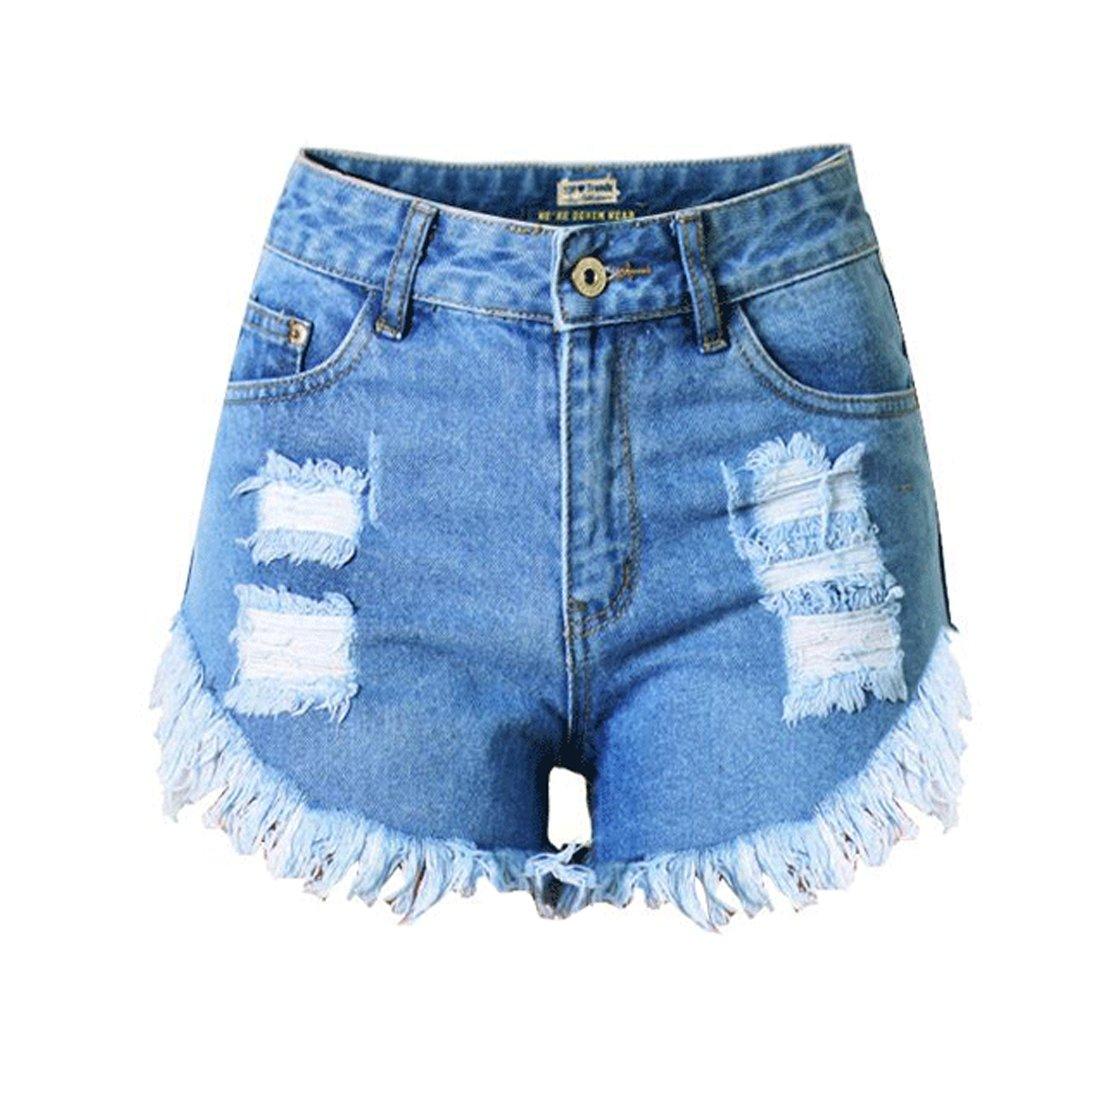 DorkasDE Damen Hotpants Jeans Shorts Kurze Denim Hosen Fransen ...